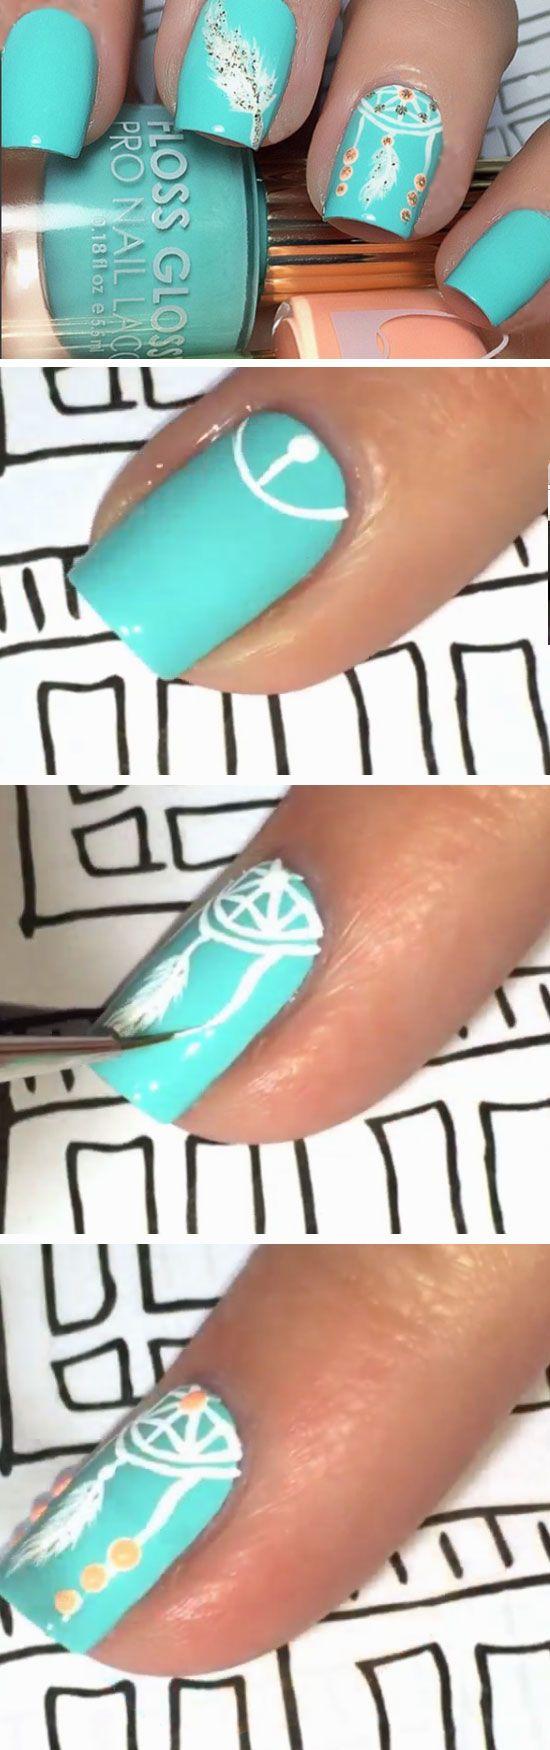 22 Easy Spring Nail Designs for Short Nails | Short nails, Spring ...